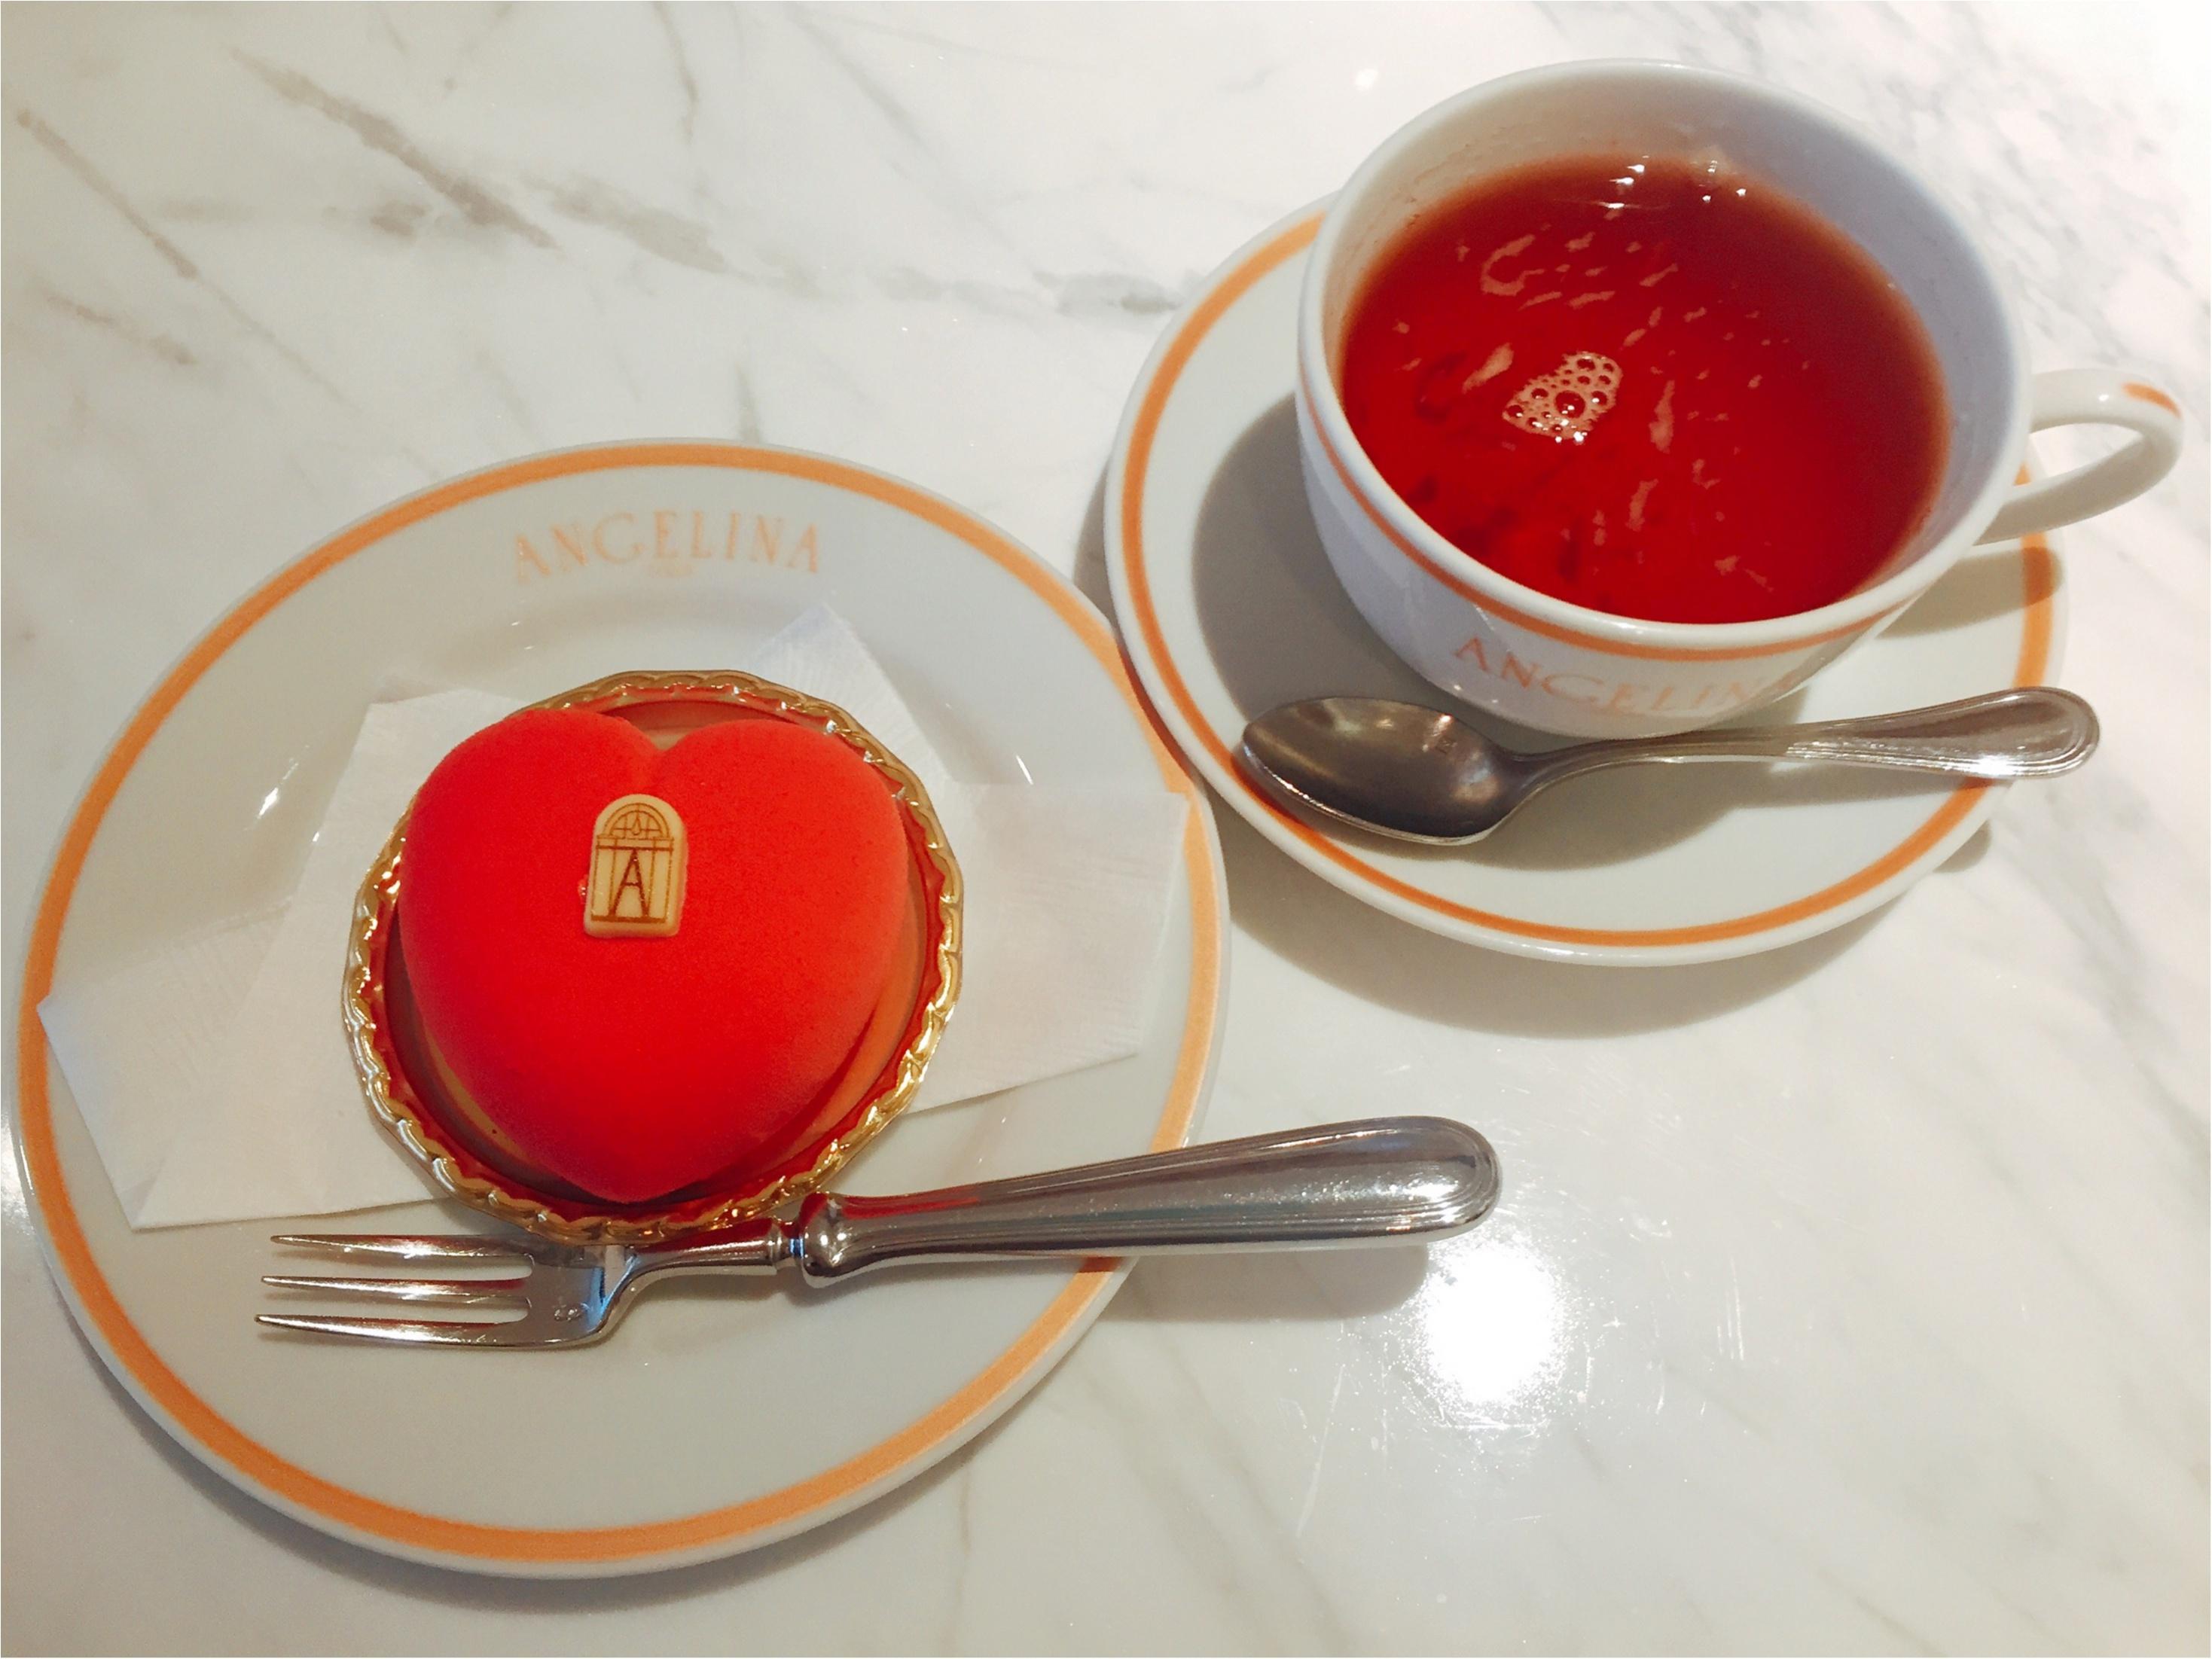 【バレンタイン限定】1903年創業のパリ老舗サロン「ANGELINA」のハート♡ケーキが可愛すぎて食べるのがもったいない!!_6_2